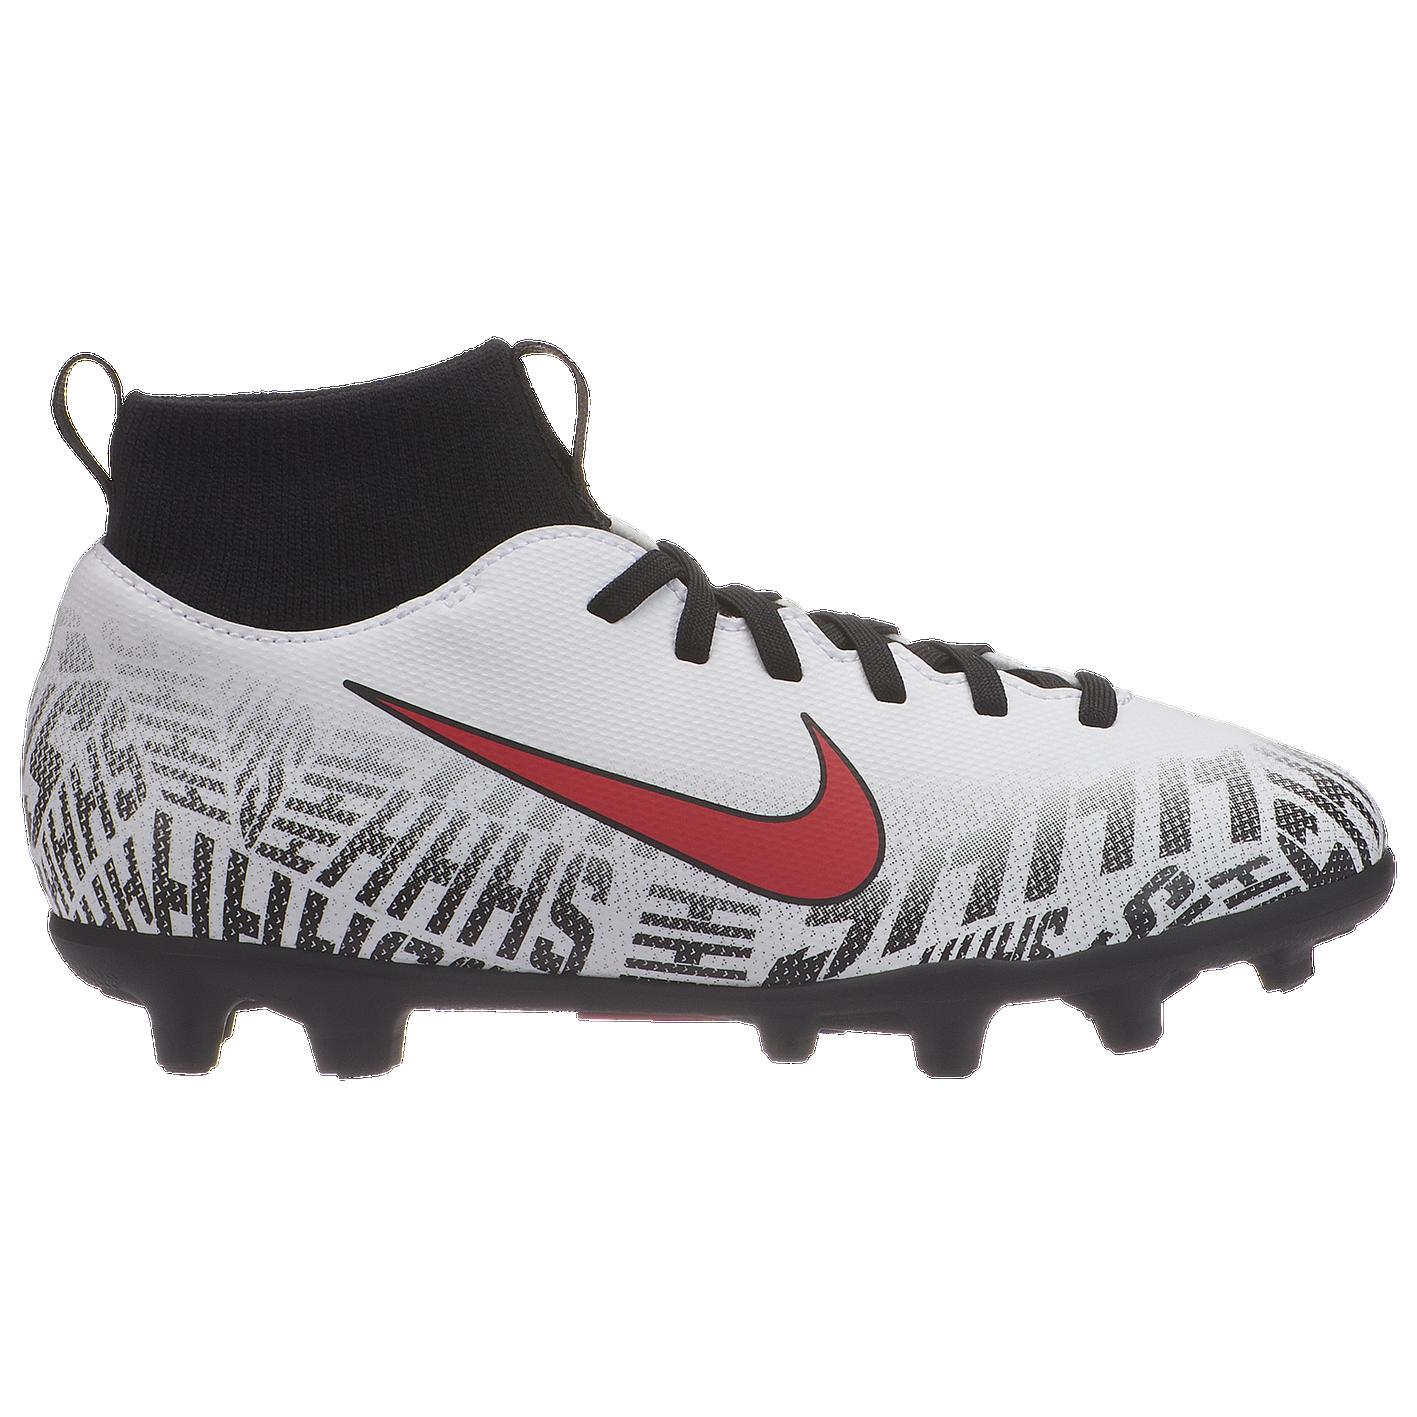 3cf5f004a9b Nike Mercurial Superfly 6 Club MG - Boys  Grade School - Soccer ...